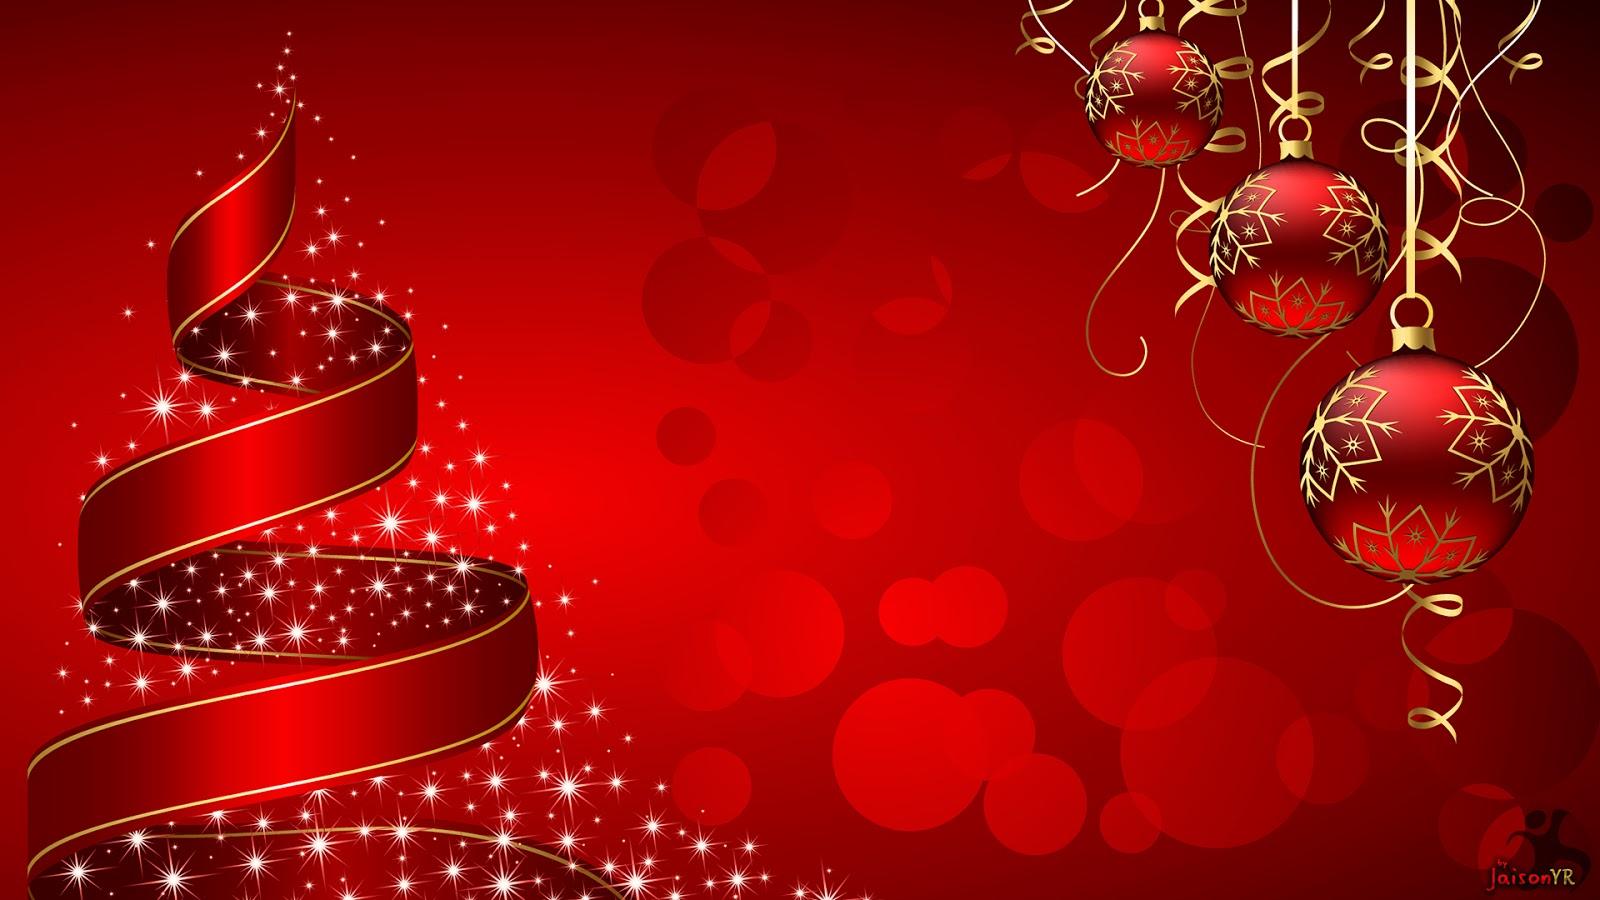 Danahfjare Boas Festas Para Facebook